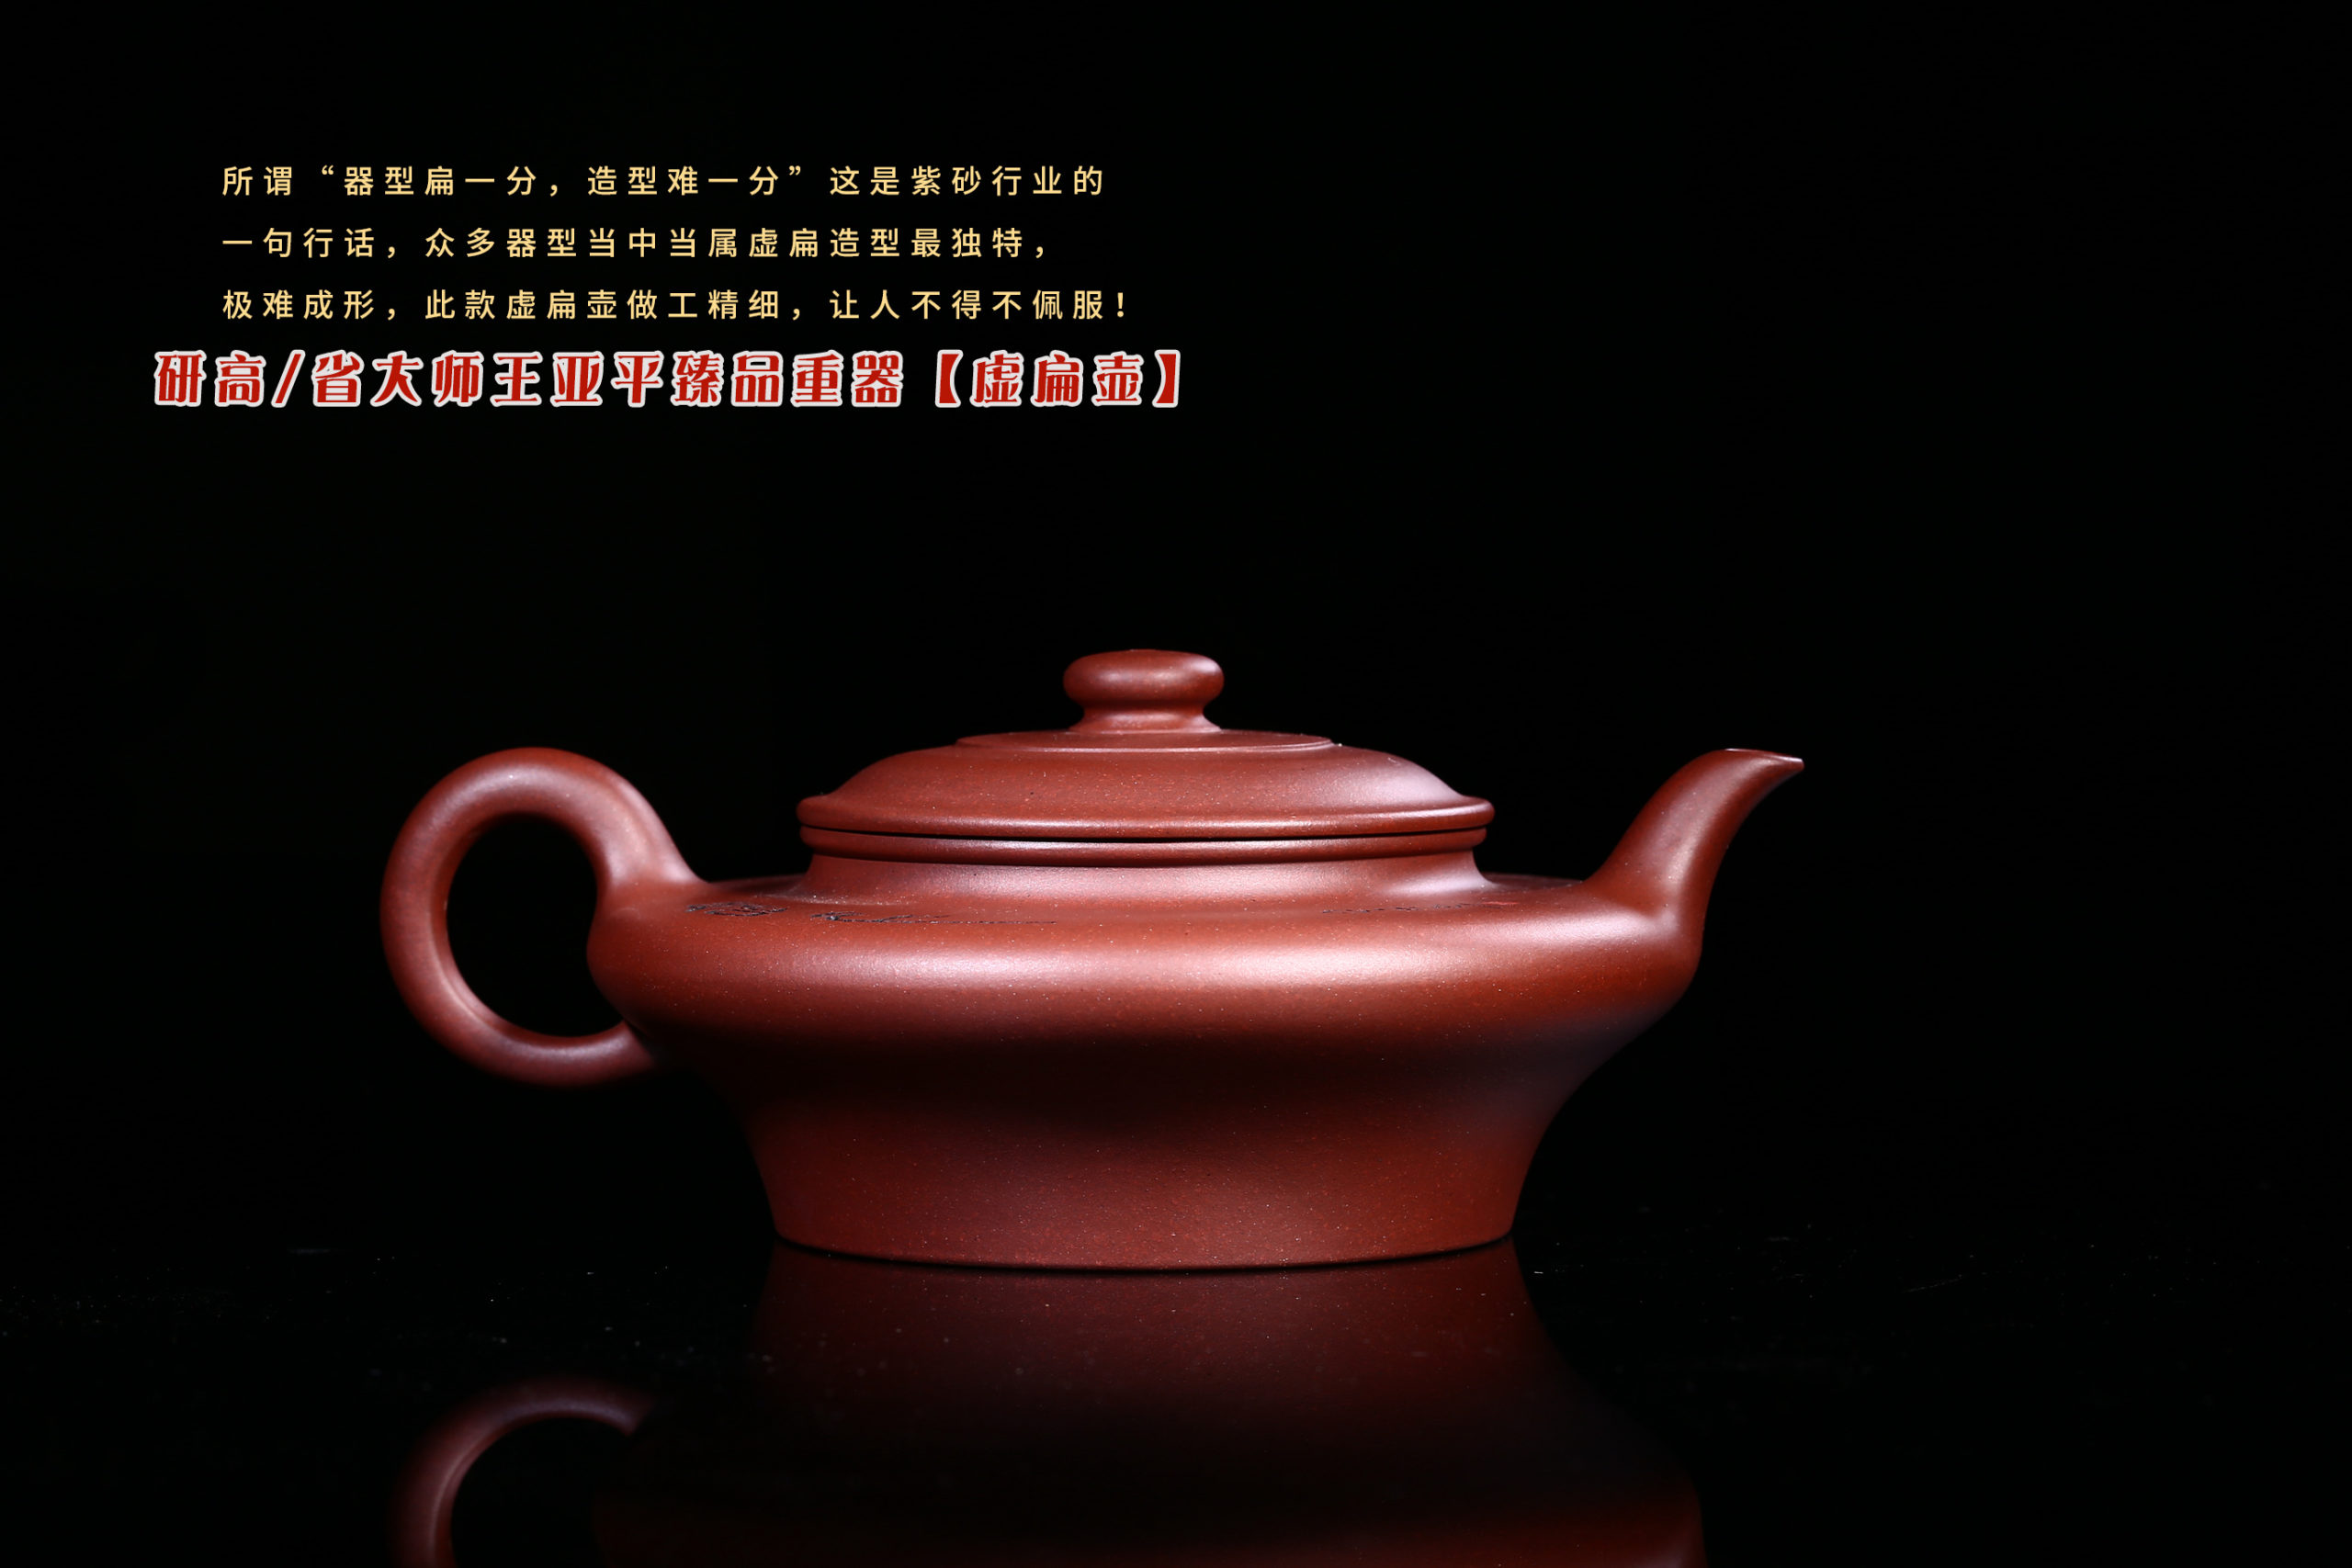 紫砂鉴赏丨王亚平·虚扁壶